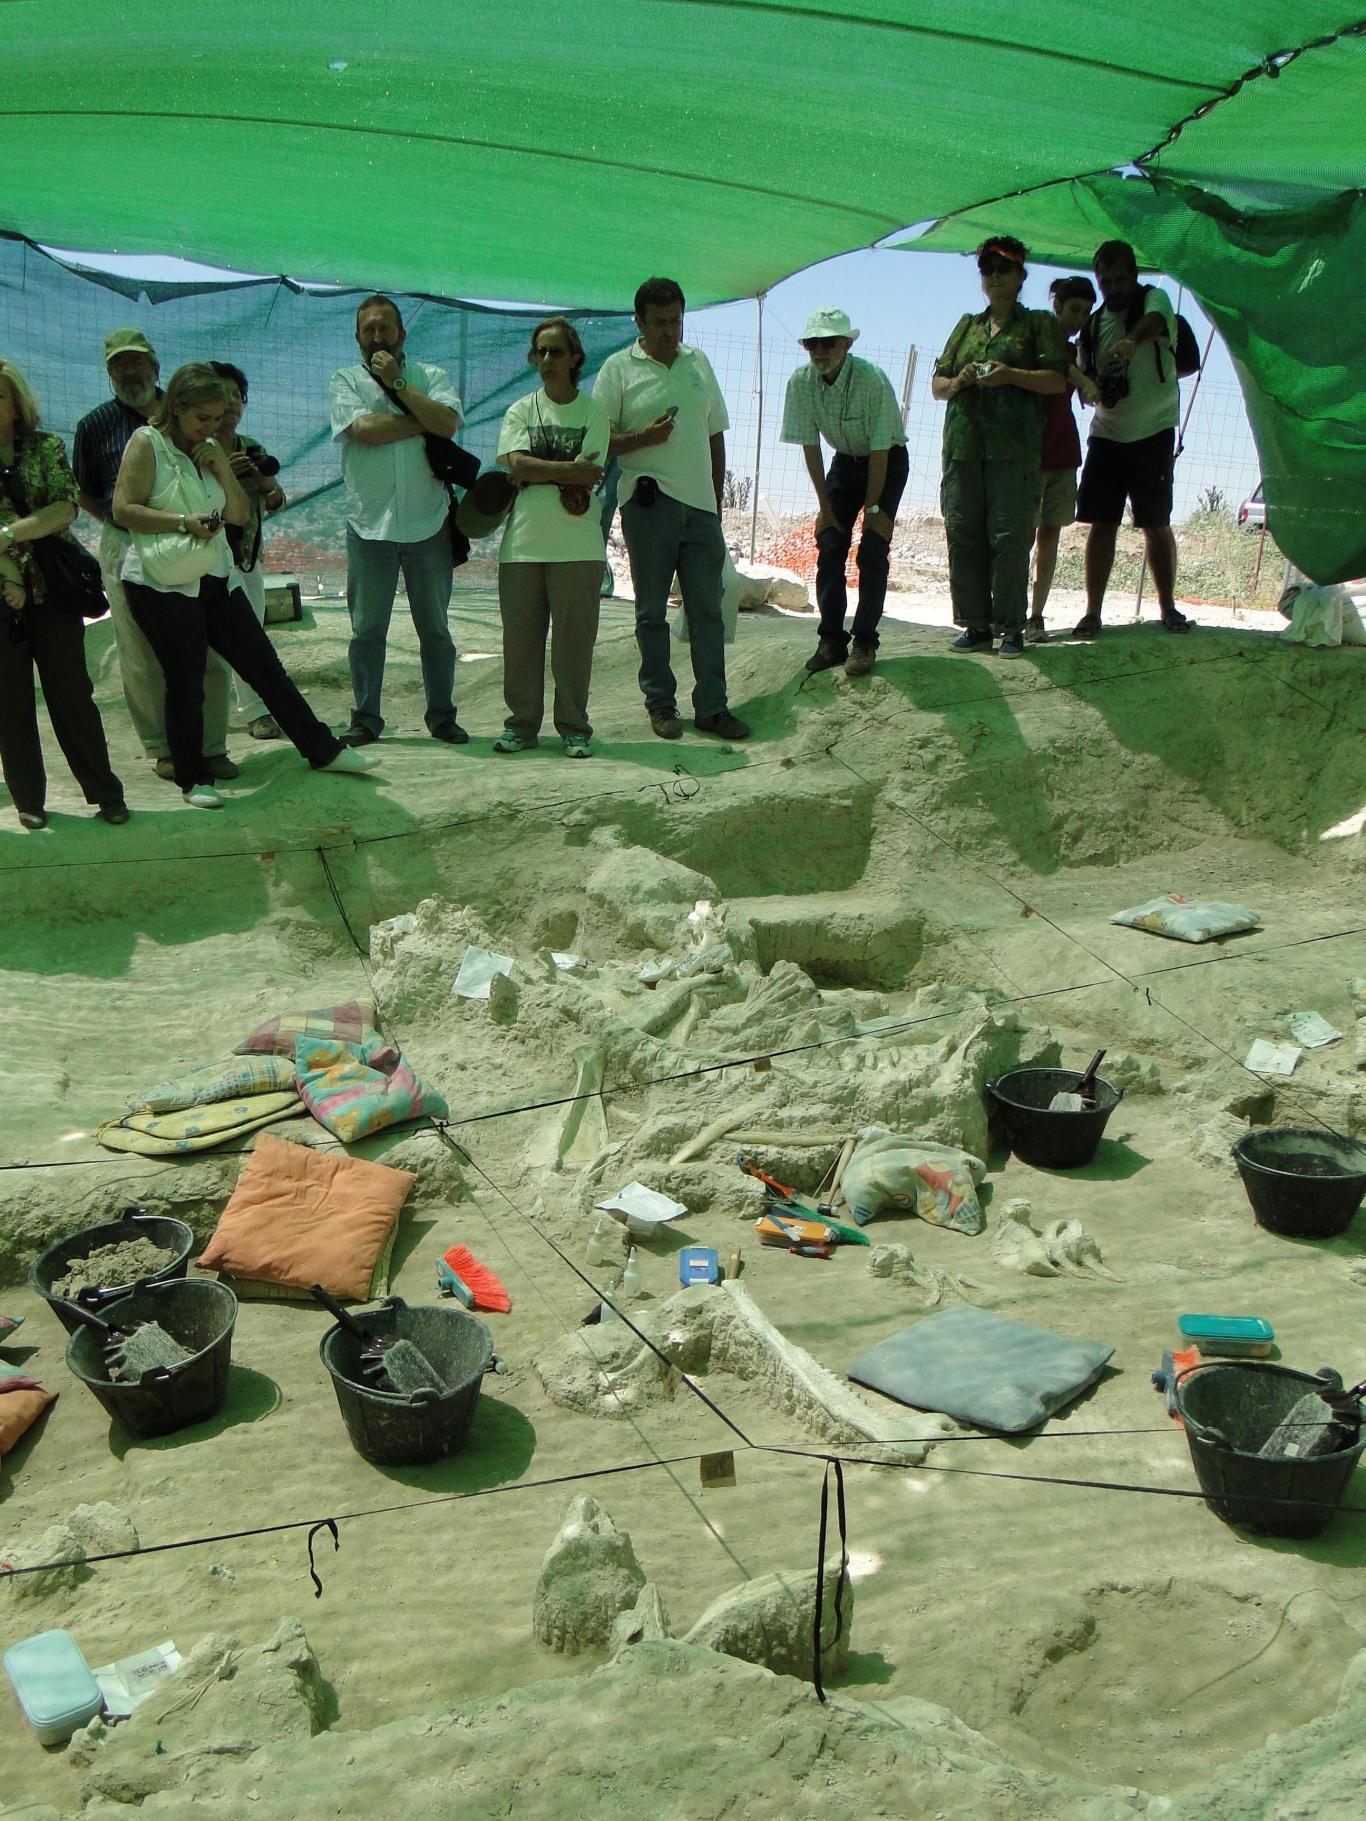 Imagen de Concentración de restos de grandes mamíferos durante la excavación del yacimiento Batallones 10 en el verano de 2010